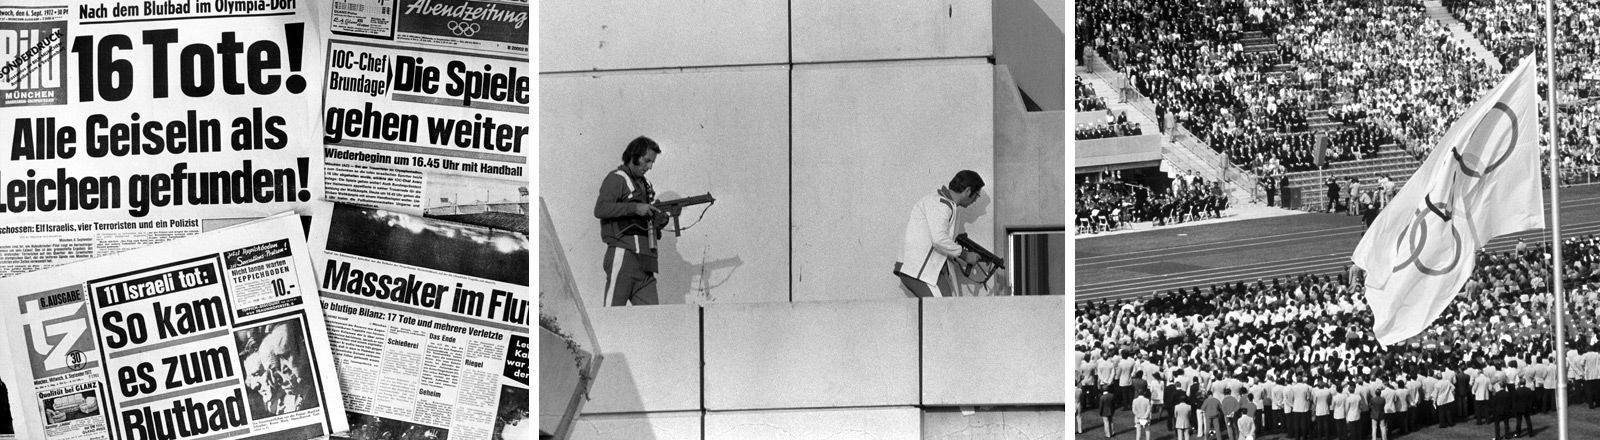 Attentat von München 1972.